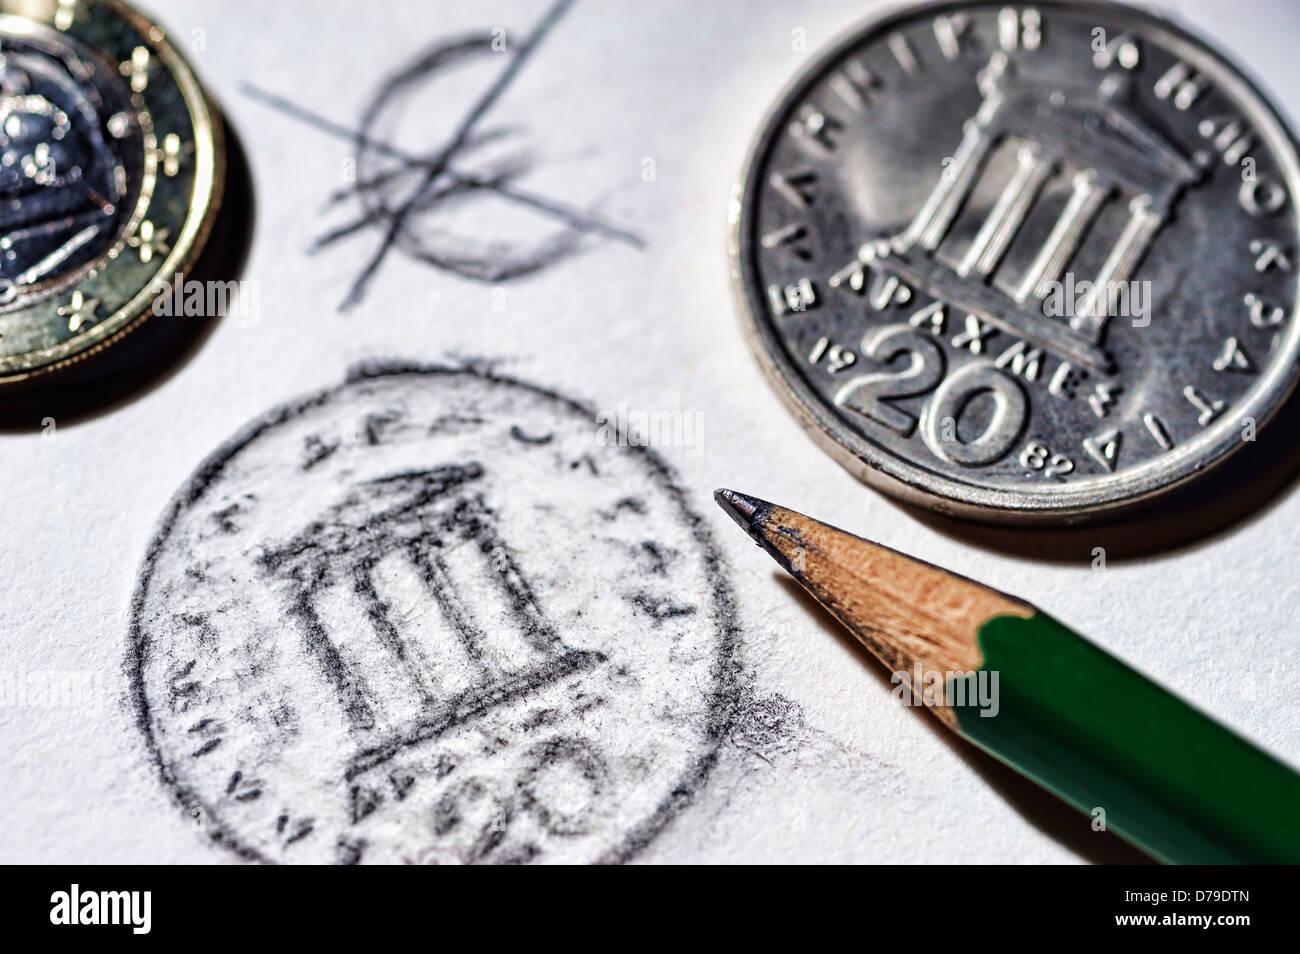 Greek drachm and crossed out eurosign , Griechische Drachme und durchgestrichenes Eurozeichen - Stock Image